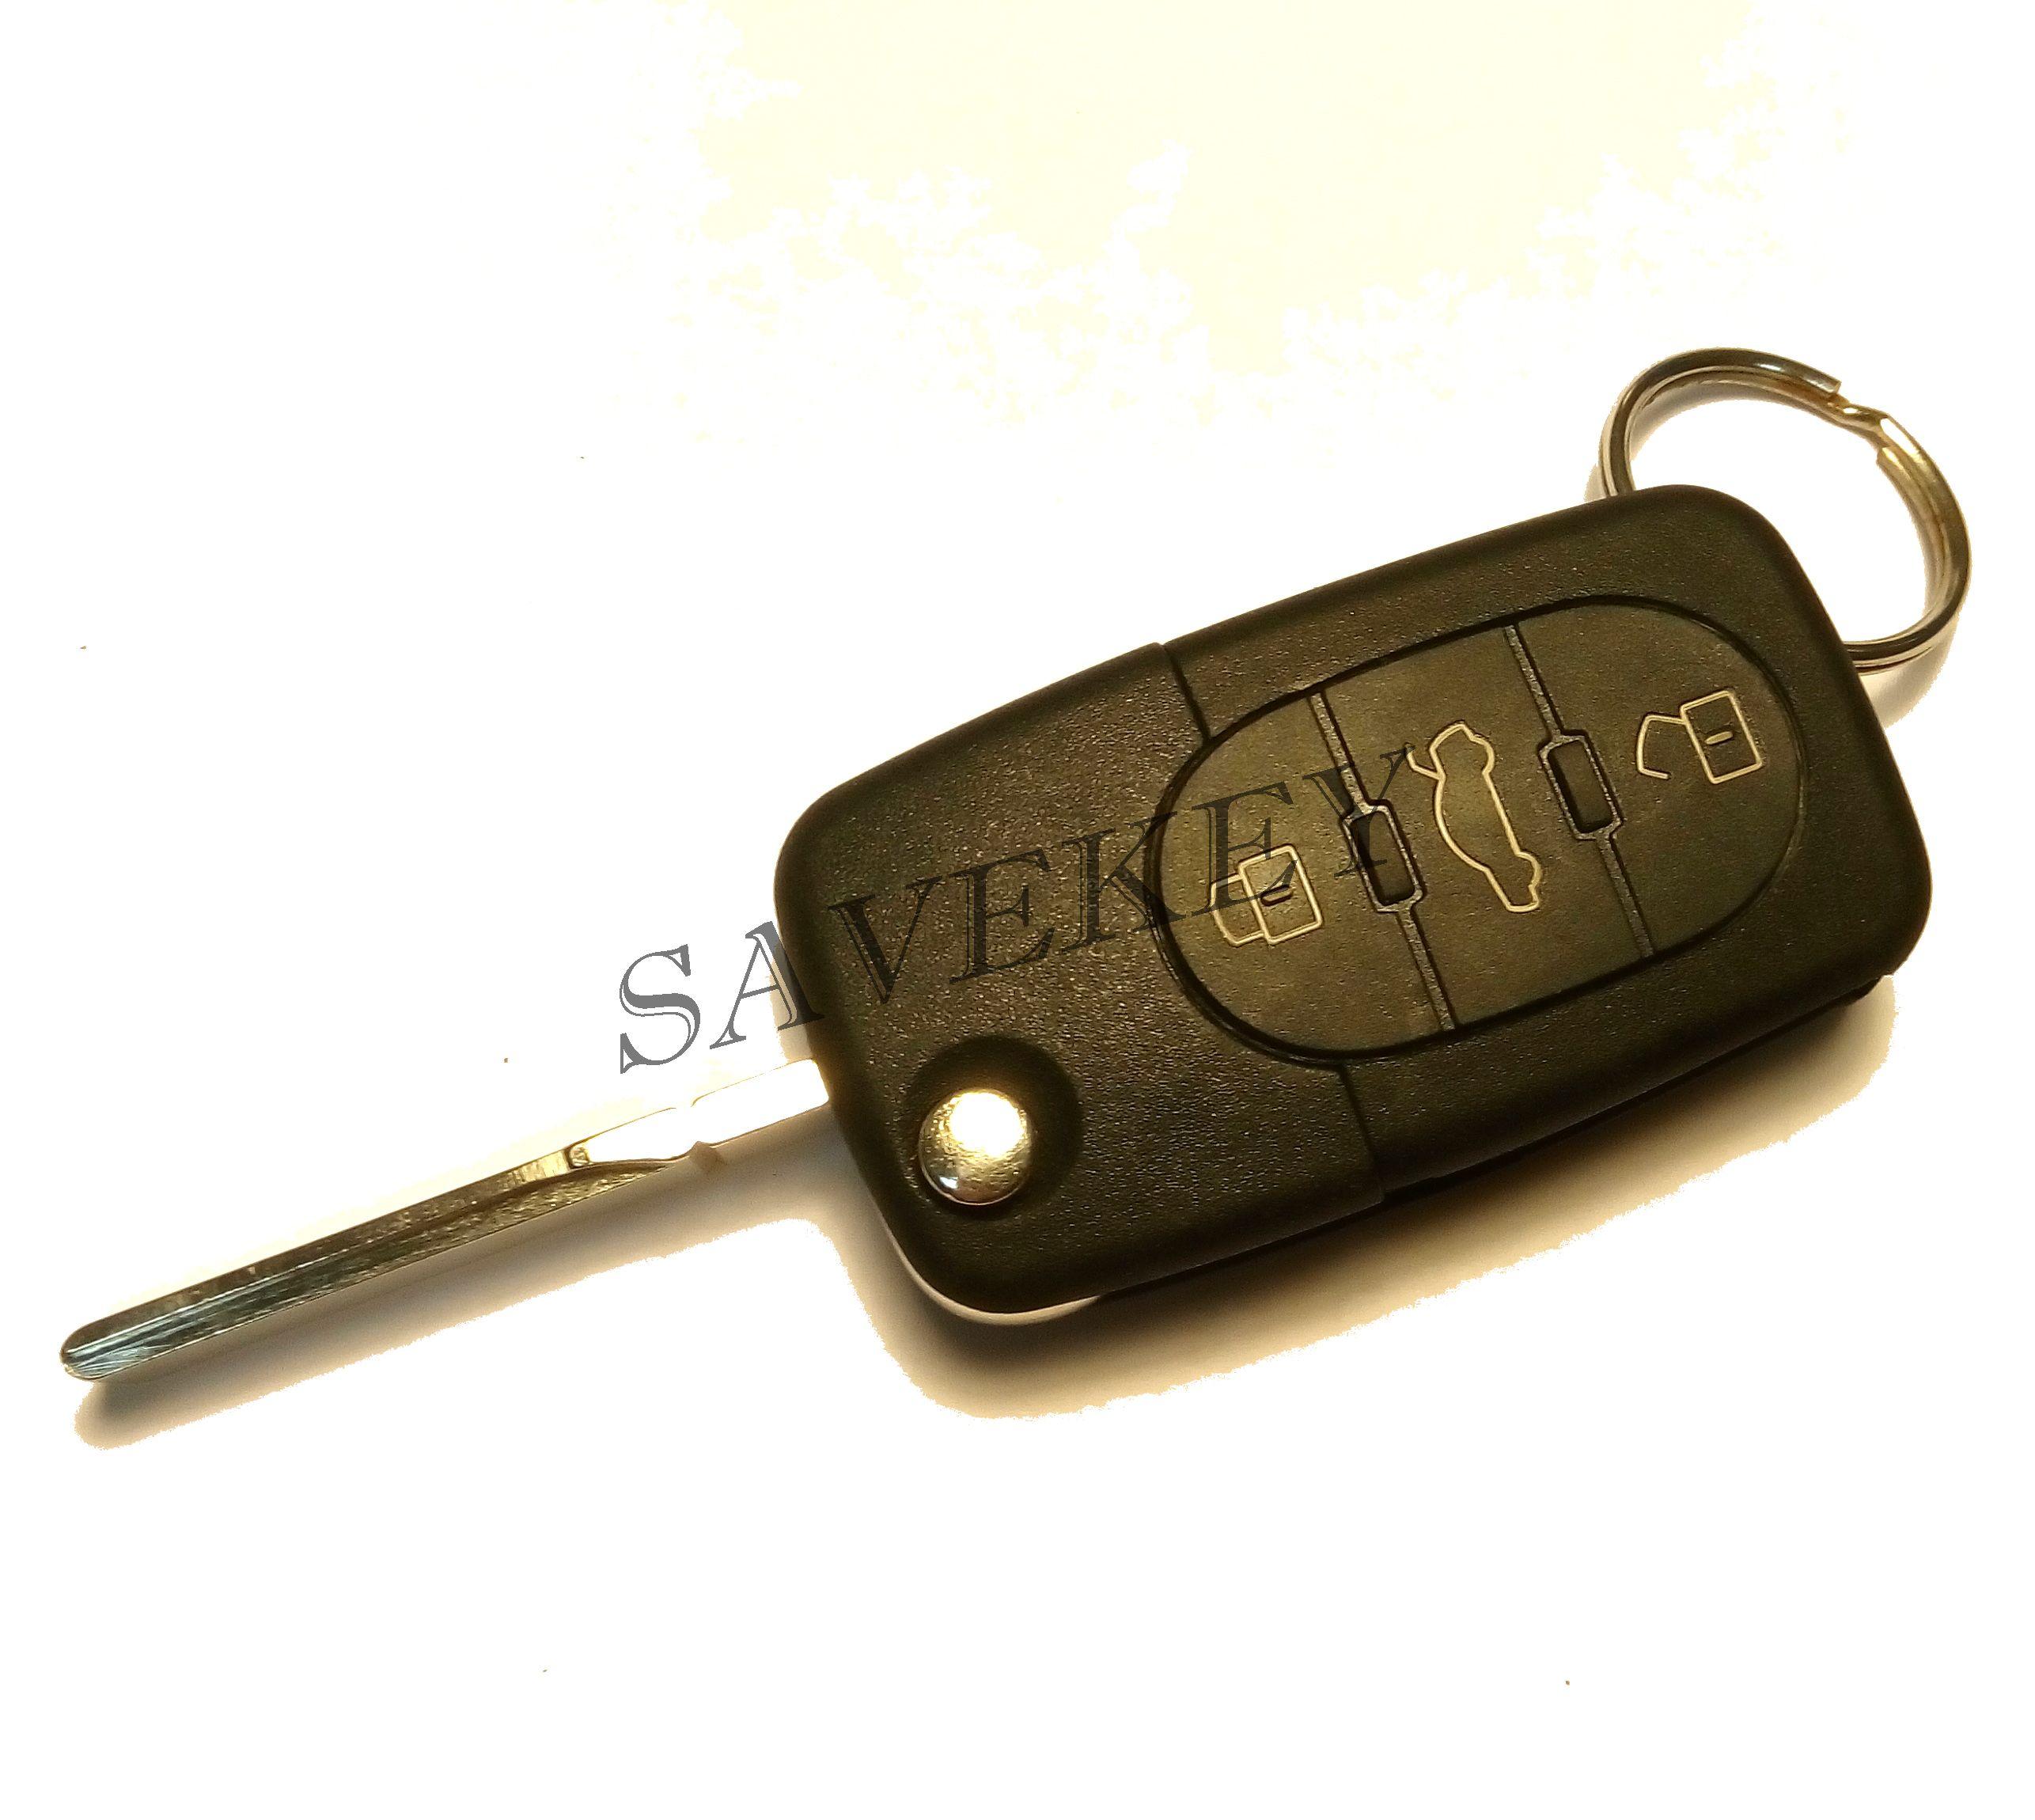 Дистанционный ключ VW для моделей Golf 2005-2009,Golf Plus 2005-2009,Caddy 2005-2011,Eos 2005-2009,Touran 2003-2009,Tiguan 2008-2009,Scirocco 2008-  753G